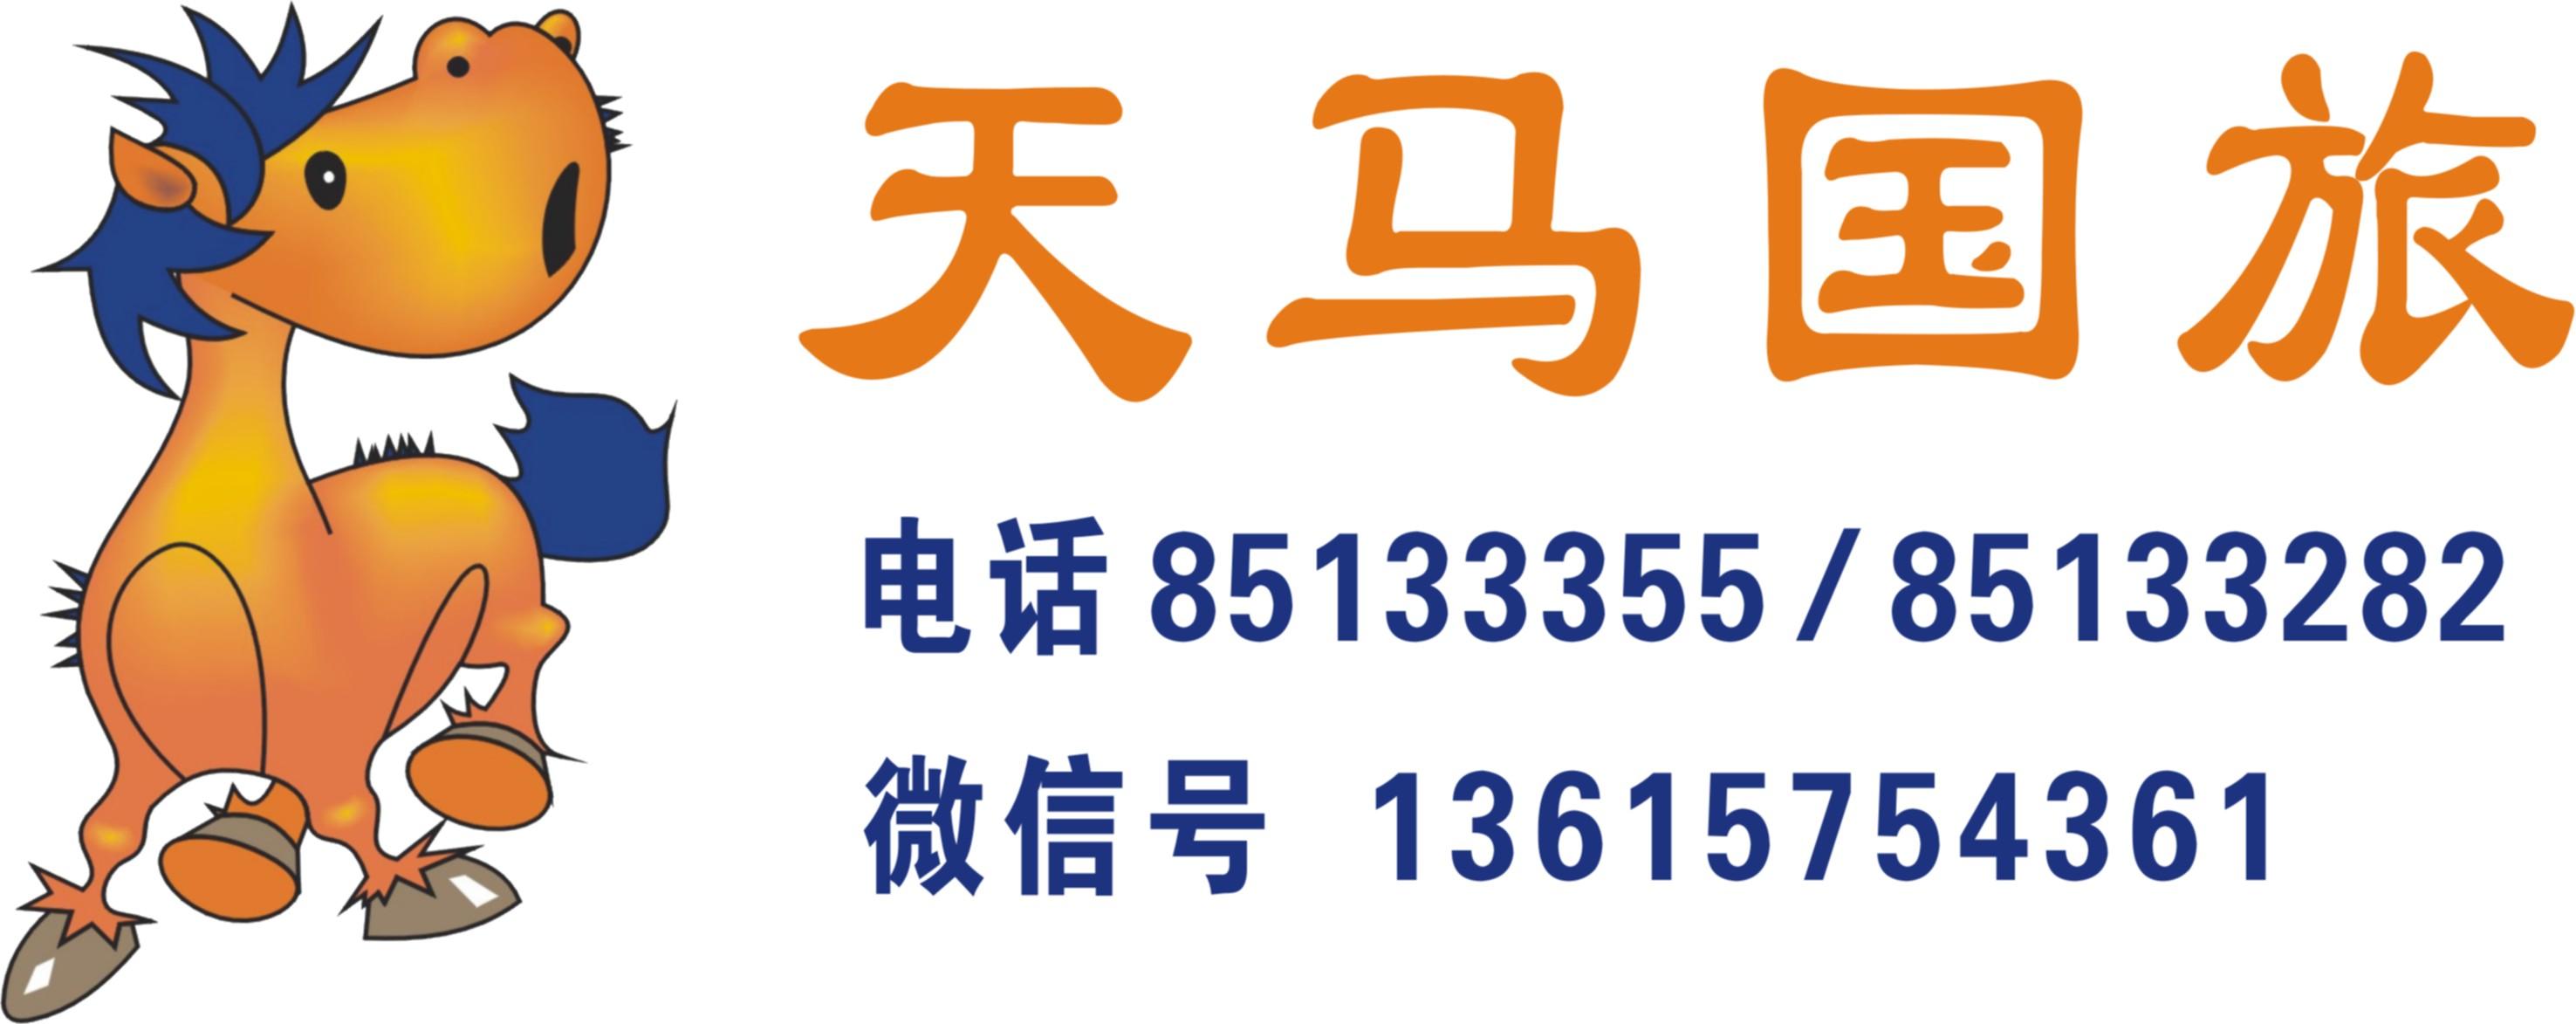 春节【三亚趣旅行双飞五日】五星度假酒店 免费体验水上项目